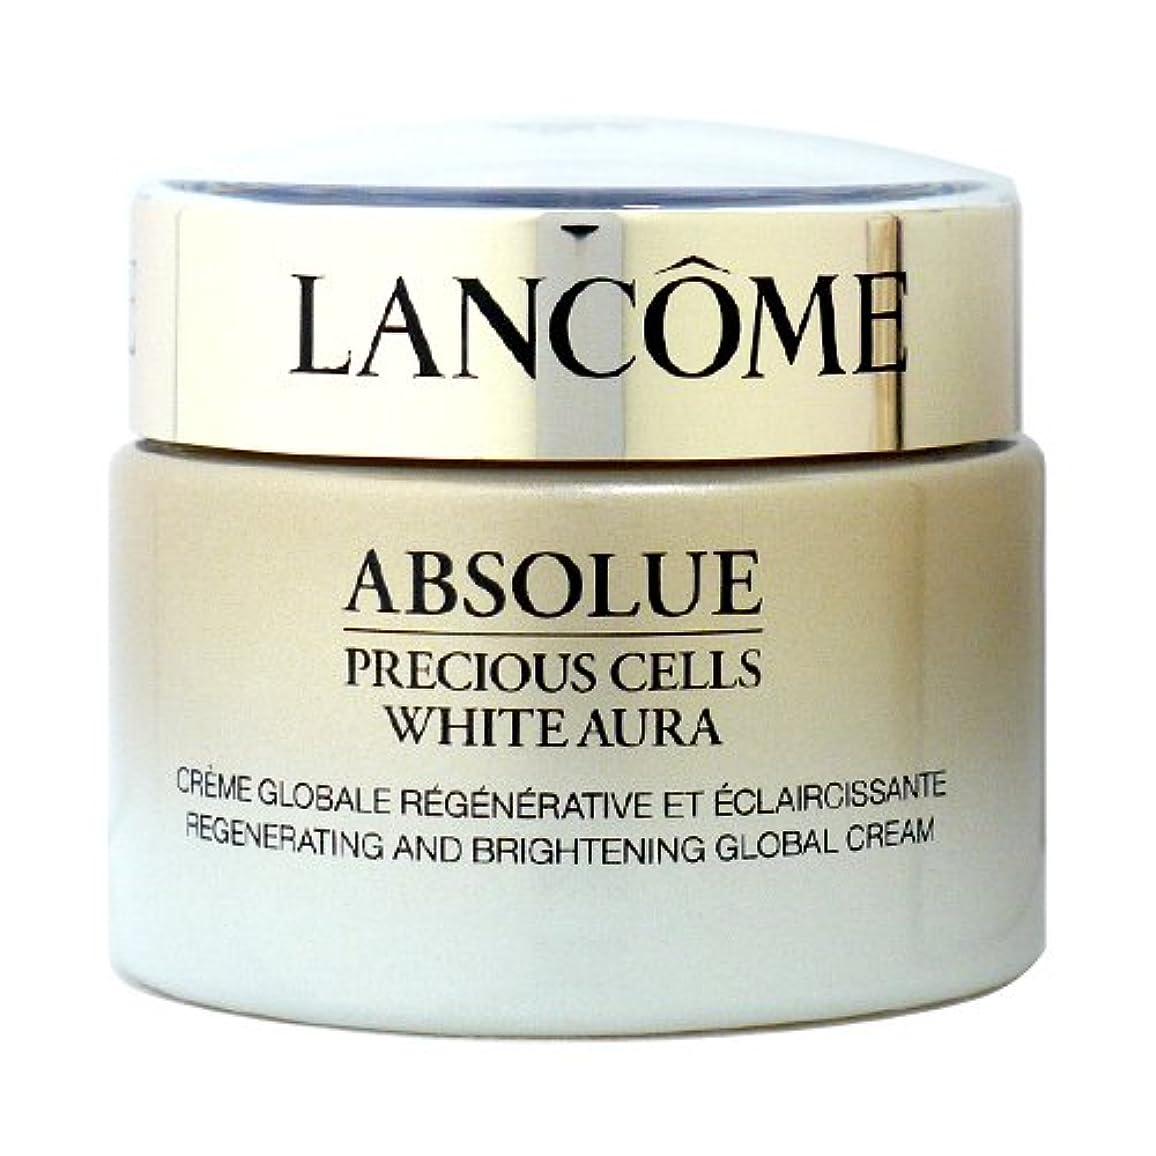 関数北西血まみれランコム アプソリュ プレシャスセル ホワイトオーラ クリーム N 50ml